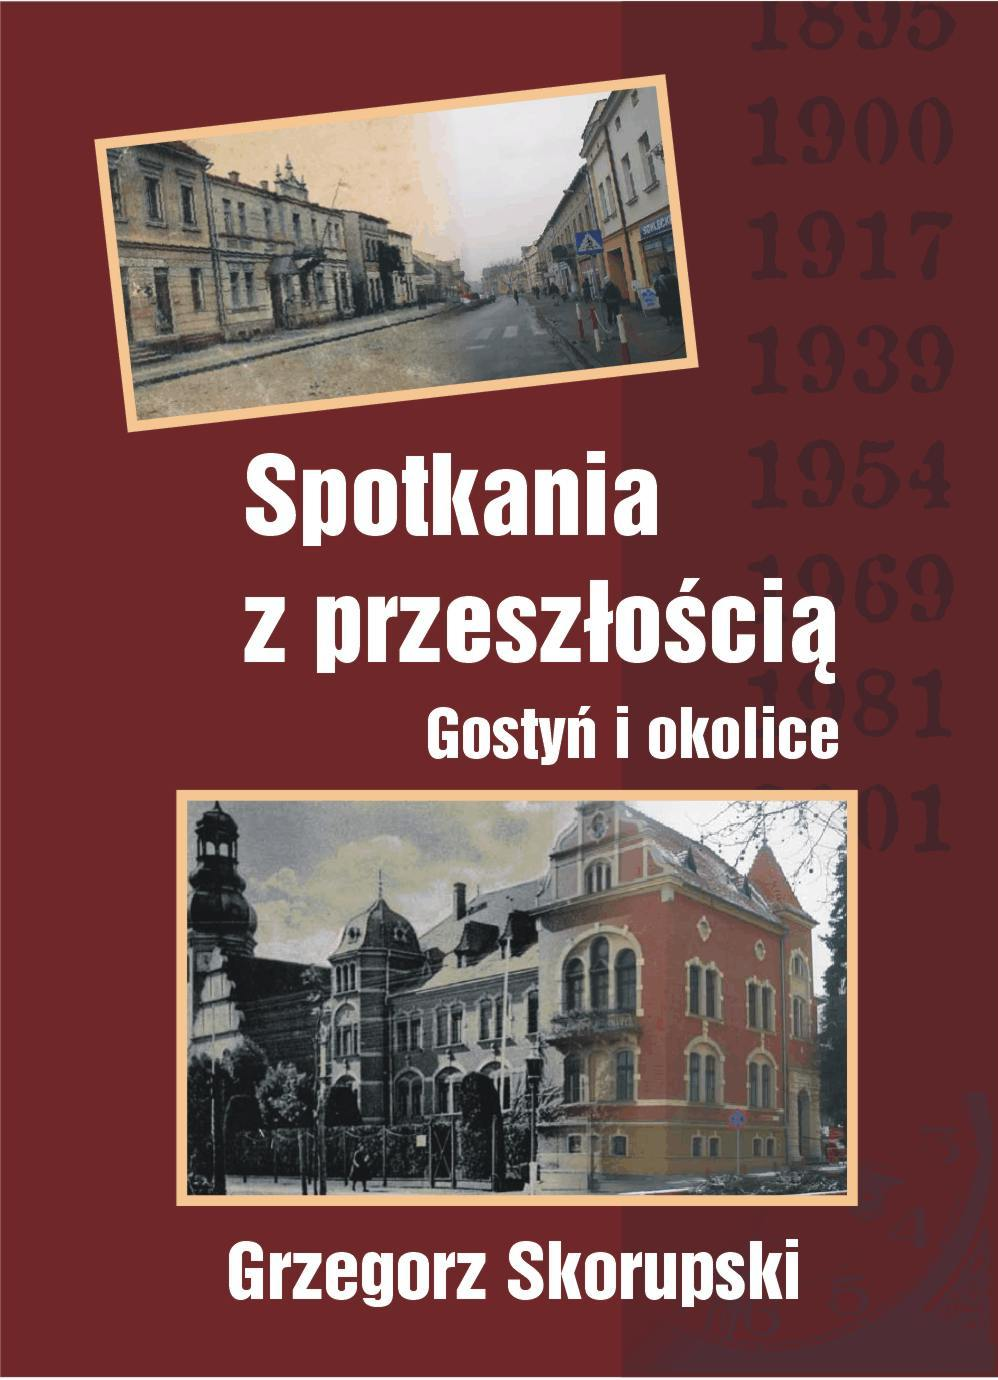 """Jedną z pozycji, które stały się inspiracją dla napisania artykułu była książka Grzegorza Skorupskiego """"Spotkania z przeszłością. Gostyń i okolice"""". Autor, w 40 szkicach zebranych w jeden tom, kroczy przez osiem stuleci gostyńskiej historii, nie zapominając jednak i o ośrodkach sąsiednich."""